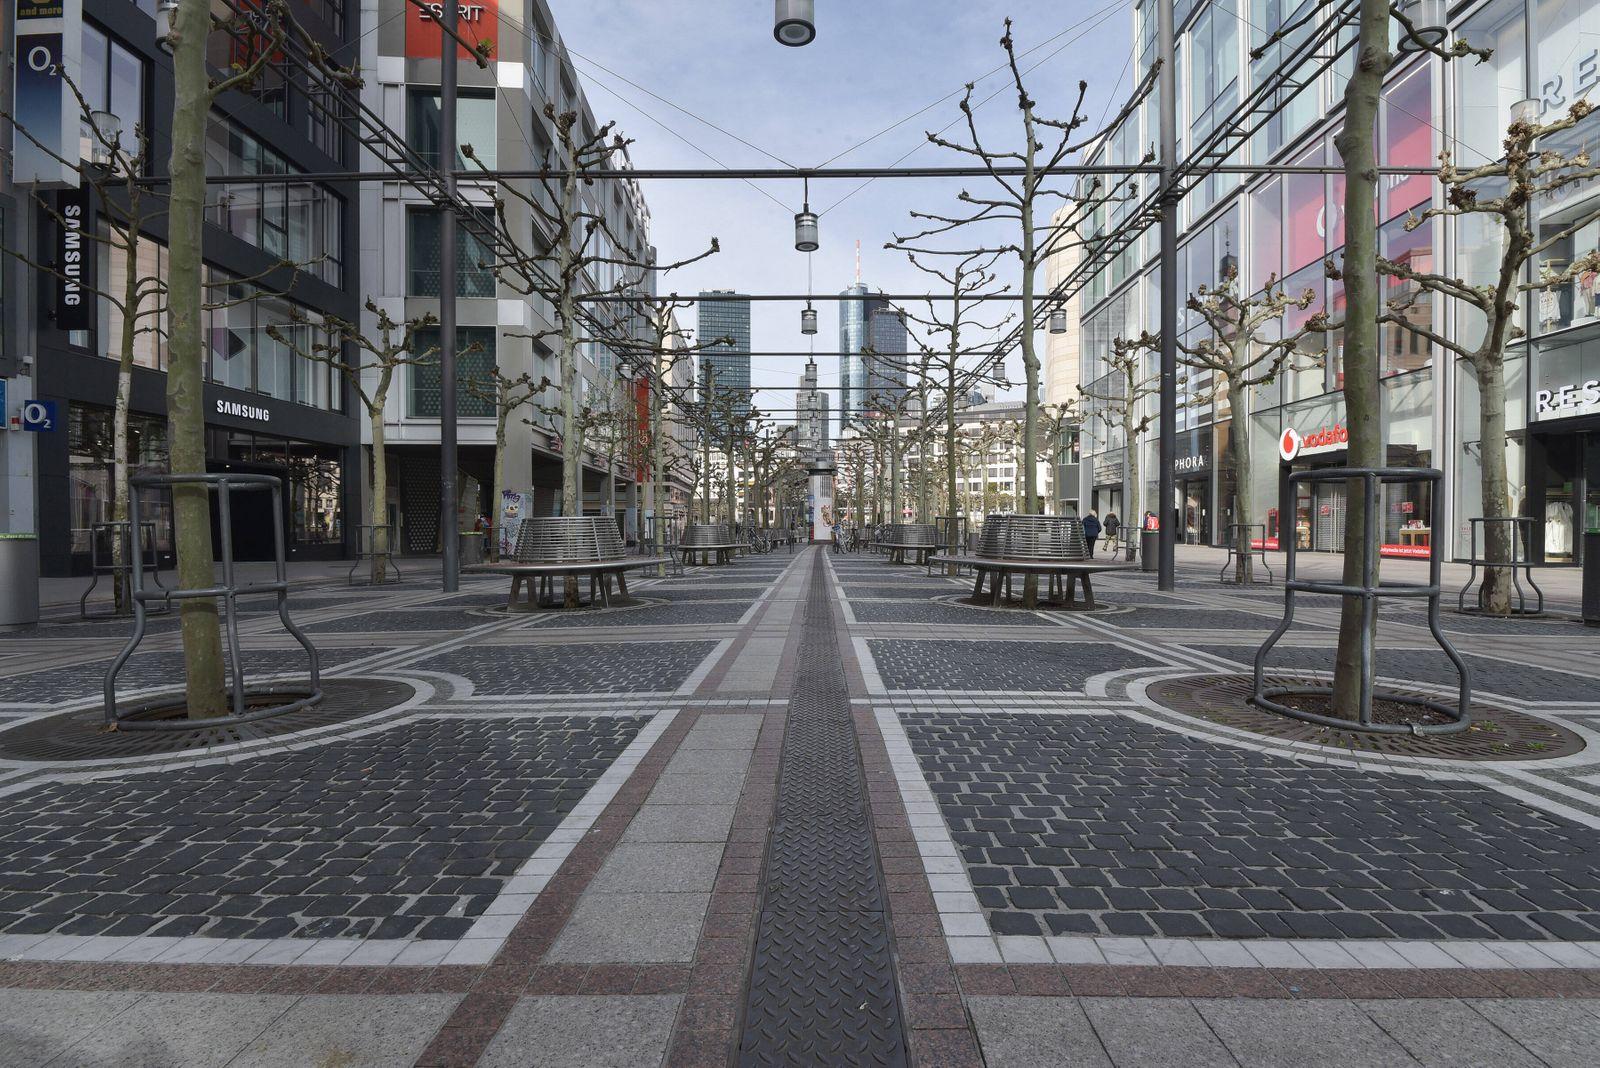 15.04.2020, xblx, Tag der Entscheidung: kommt es zu Lockerungen?, nur wenige Menschen auf der Zeil, emwirt Frankfurt am